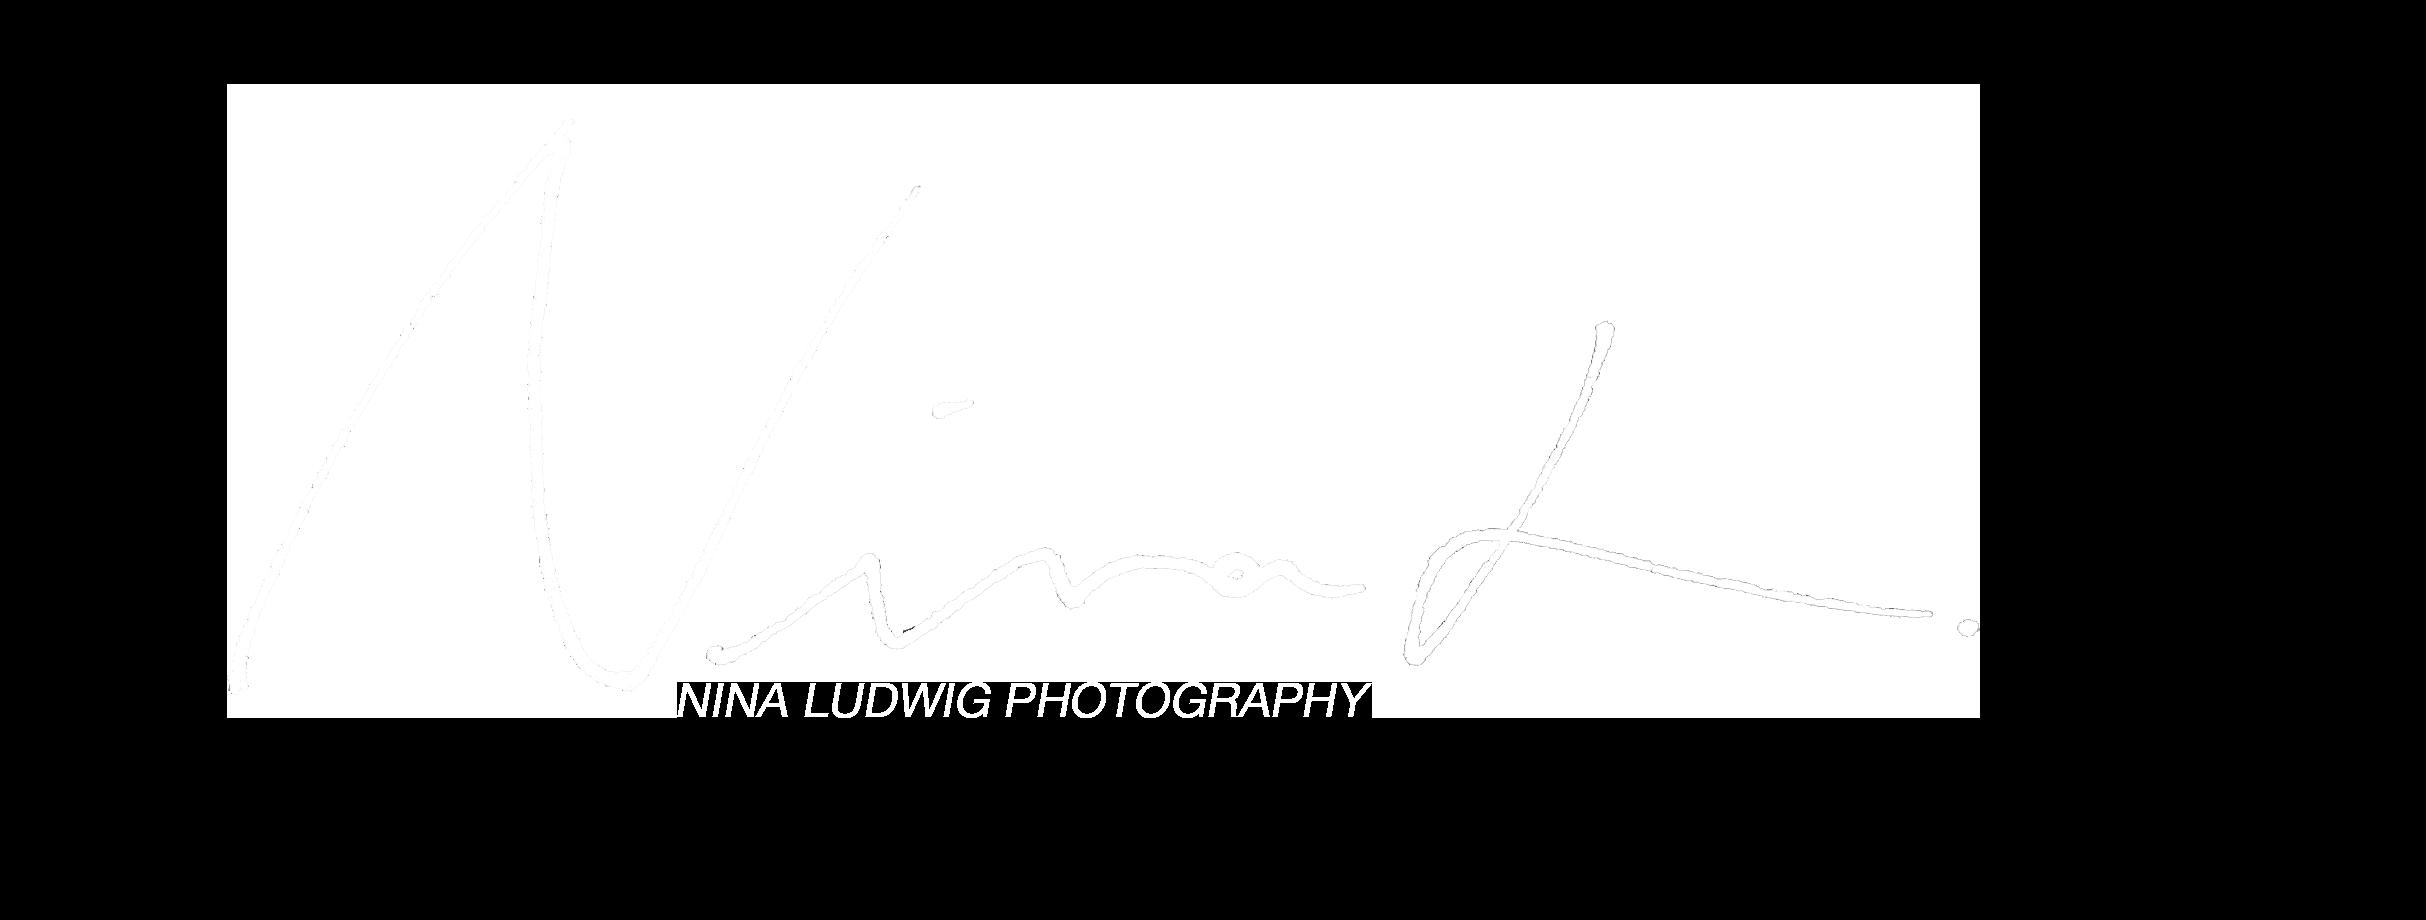 Nina Ludwig